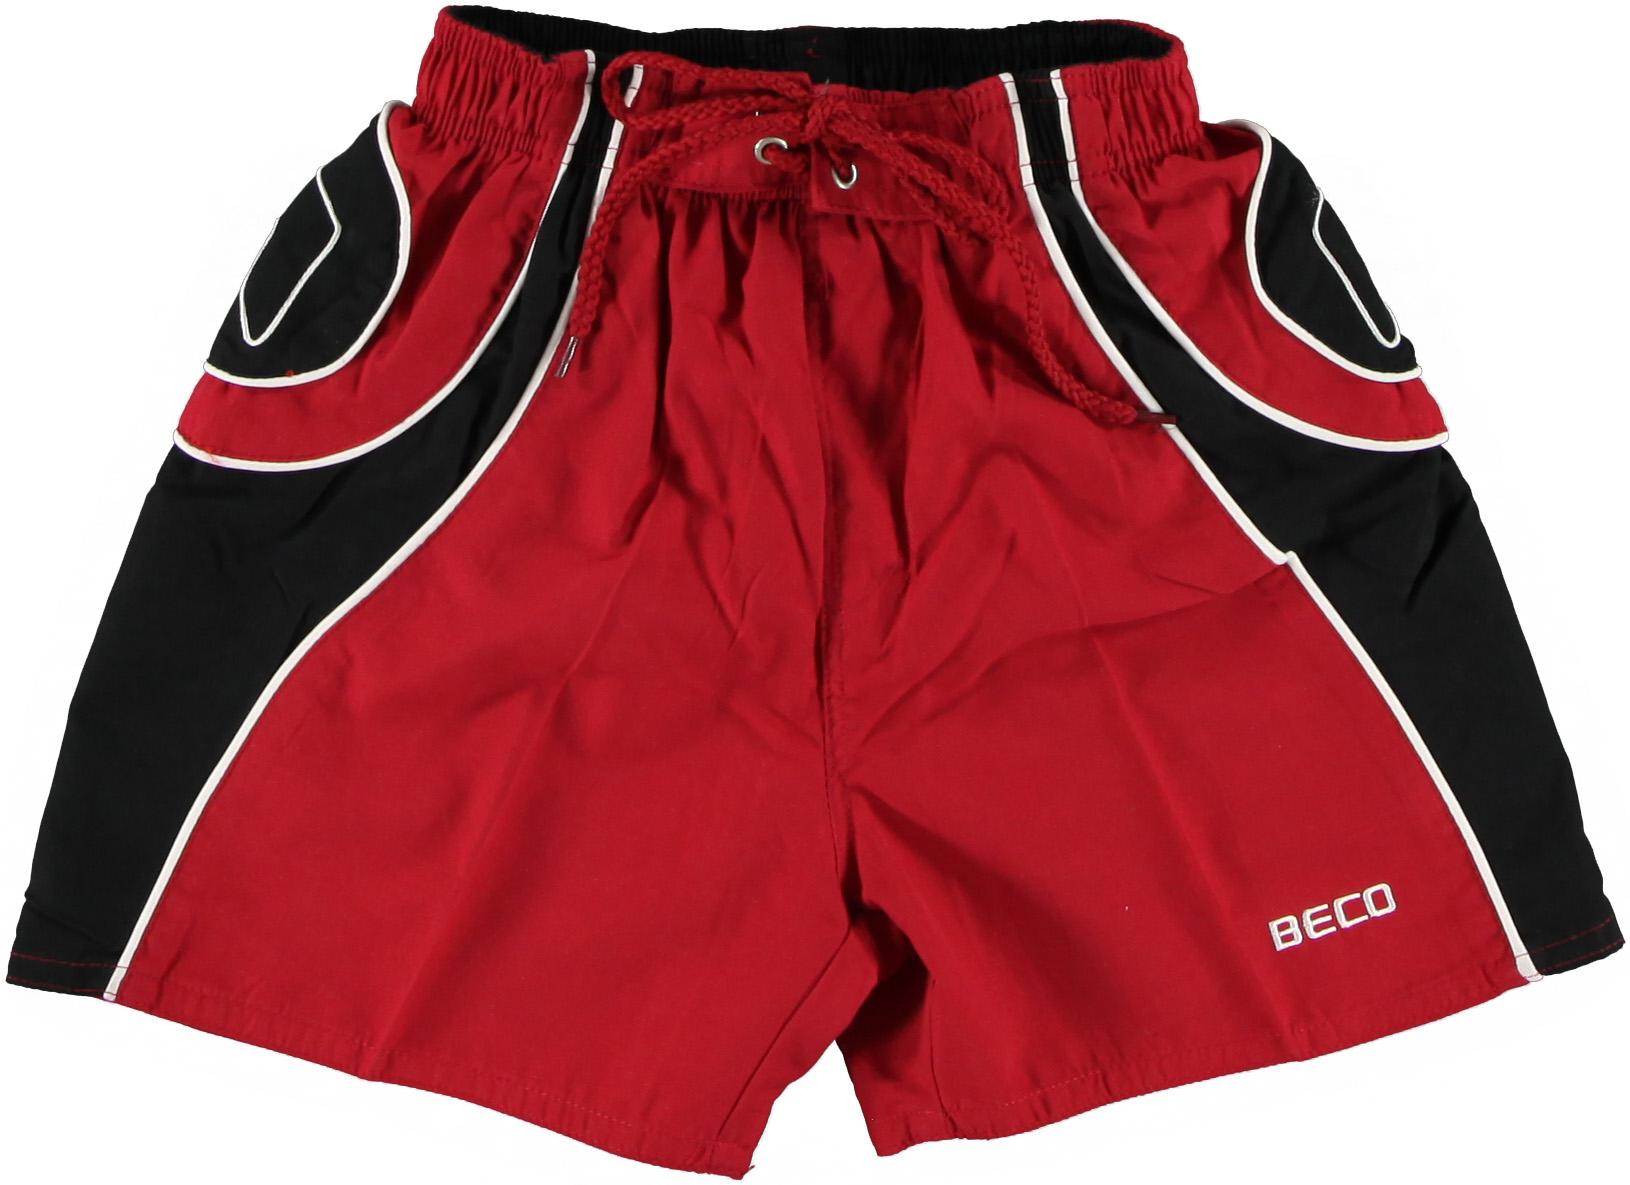 Afbeelding van Beco Rood / zwarte zwemshort in kort model met binnenslip